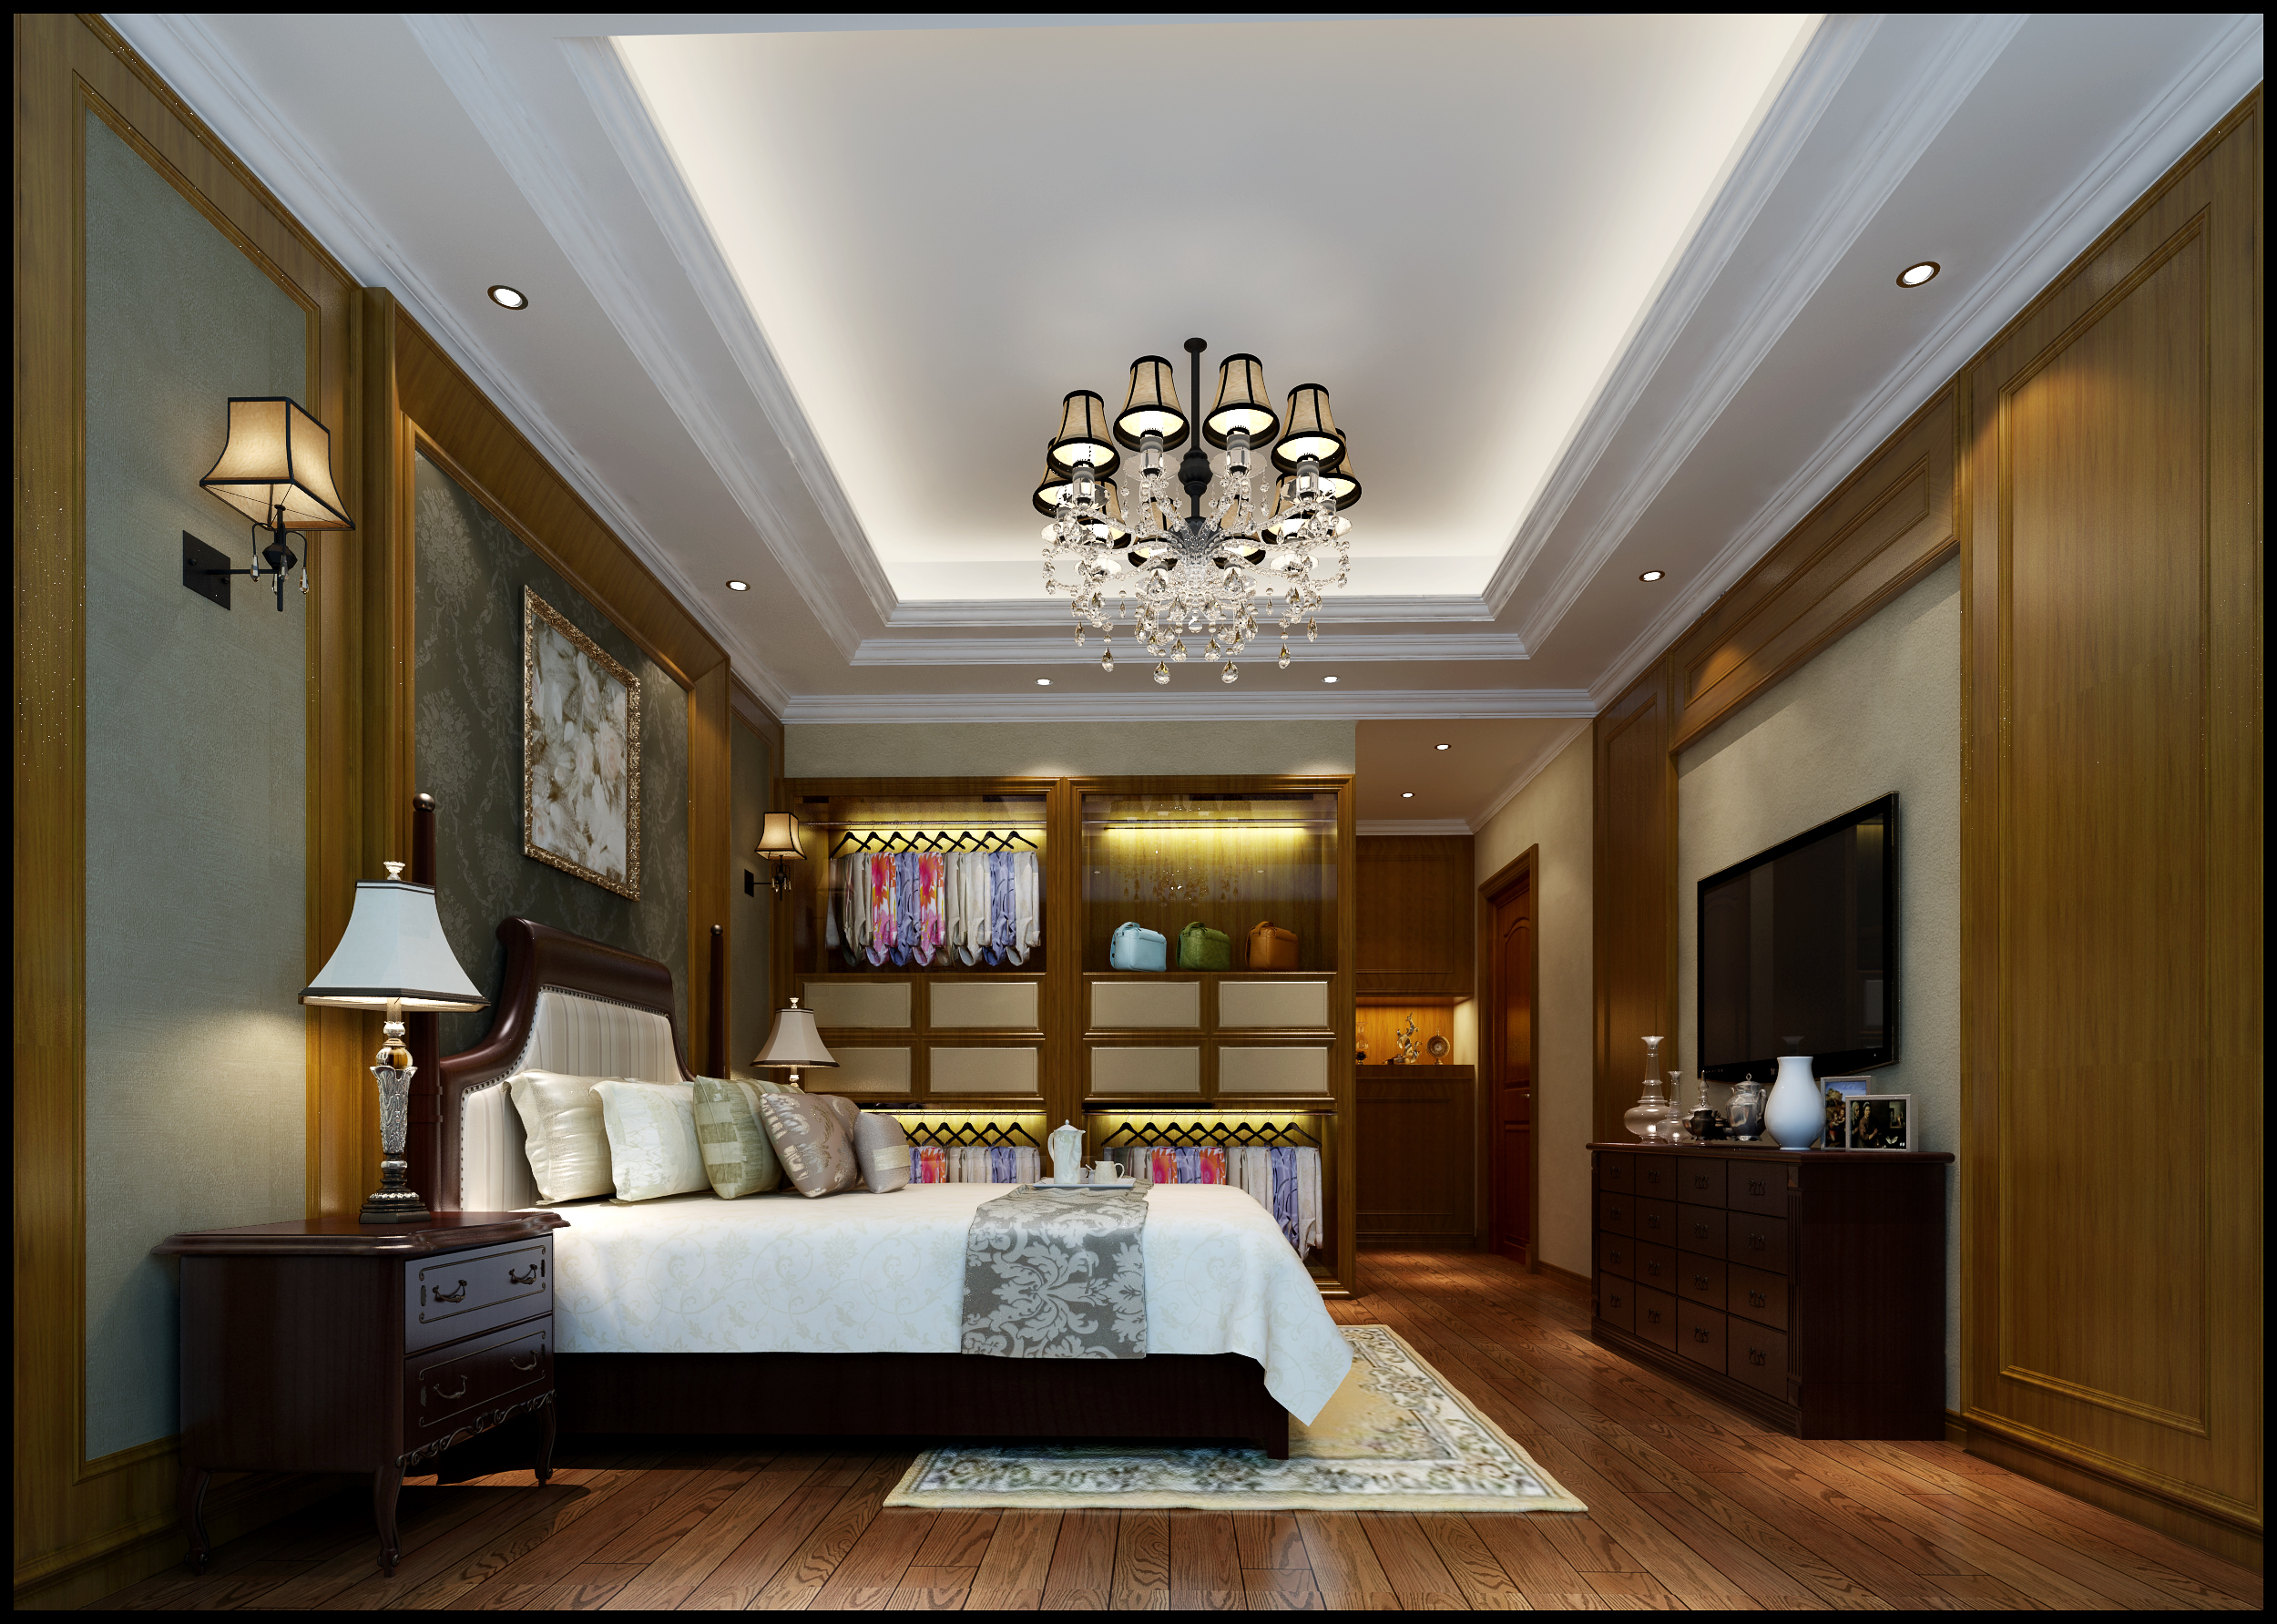 美式风格 福州装修 装修公司 设计 卧室图片来自福州有家装饰-小彭在美式风格1的分享